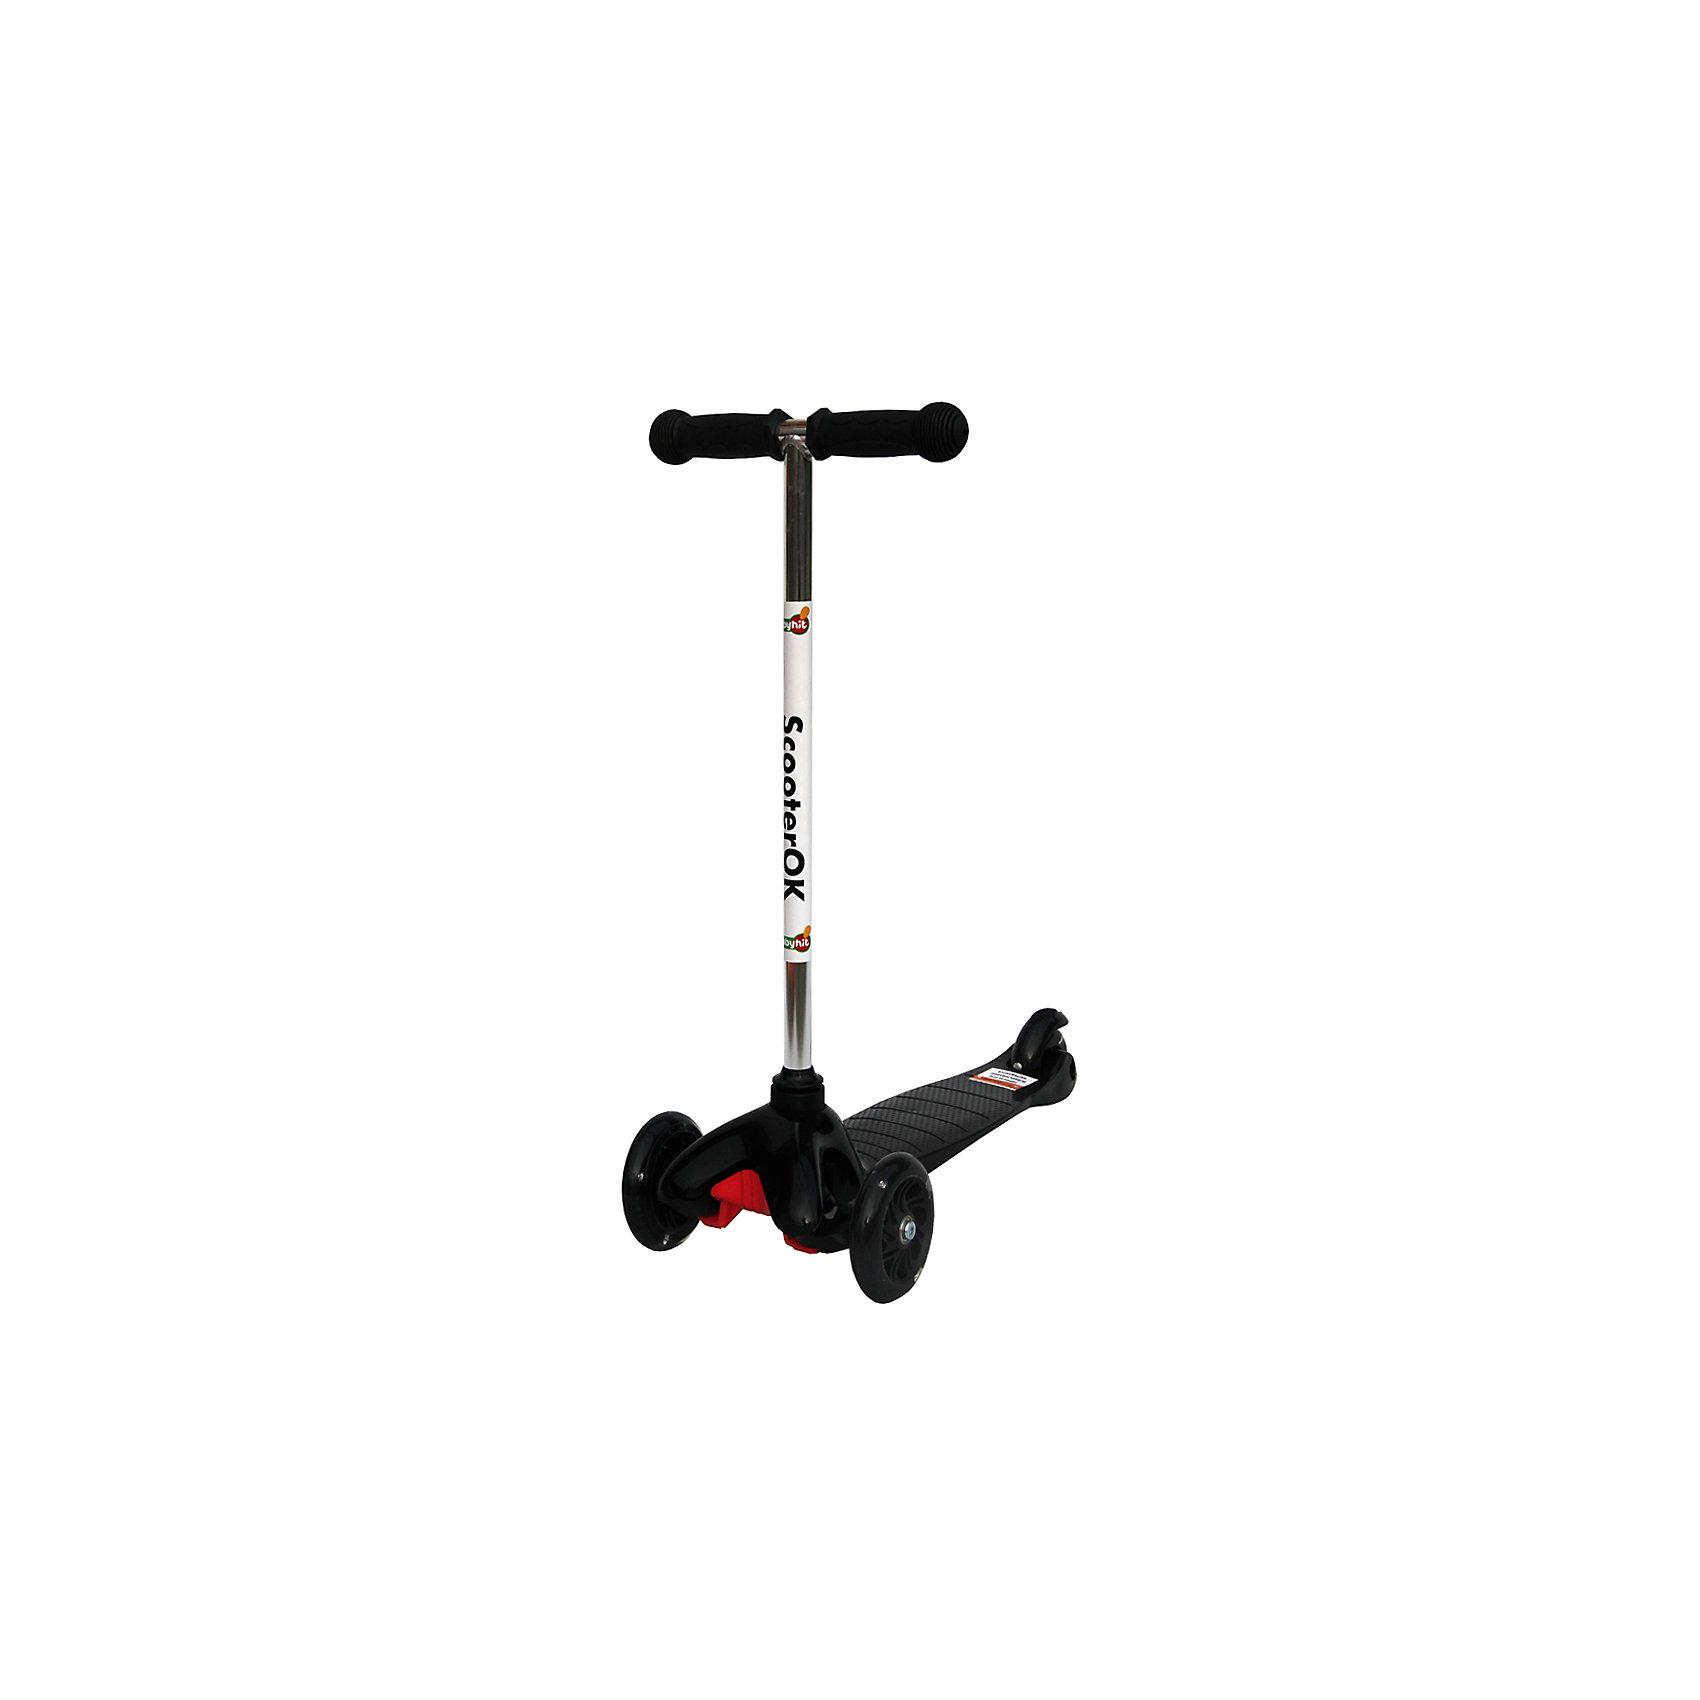 Самокат, черный, ScooterOKСамокаты<br>Особенности самоката Babyhit ScooterOk:<br>• Для детей от 3-х лет<br>• Силиконовые колеса со светодиодной подсветкой <br>• Фиксированная высота ручки (67 см)<br>• Диаметр колес: переднее - 110 мм, заднего – 80 мм<br>• Высокое качество применяемых материалов<br>• Максимальная нагрузка - до 40 кг<br><br>Ширина мм: 550<br>Глубина мм: 140<br>Высота мм: 275<br>Вес г: 2317<br>Цвет: черный<br>Возраст от месяцев: 36<br>Возраст до месяцев: 2147483647<br>Пол: Унисекс<br>Возраст: Детский<br>SKU: 5614421